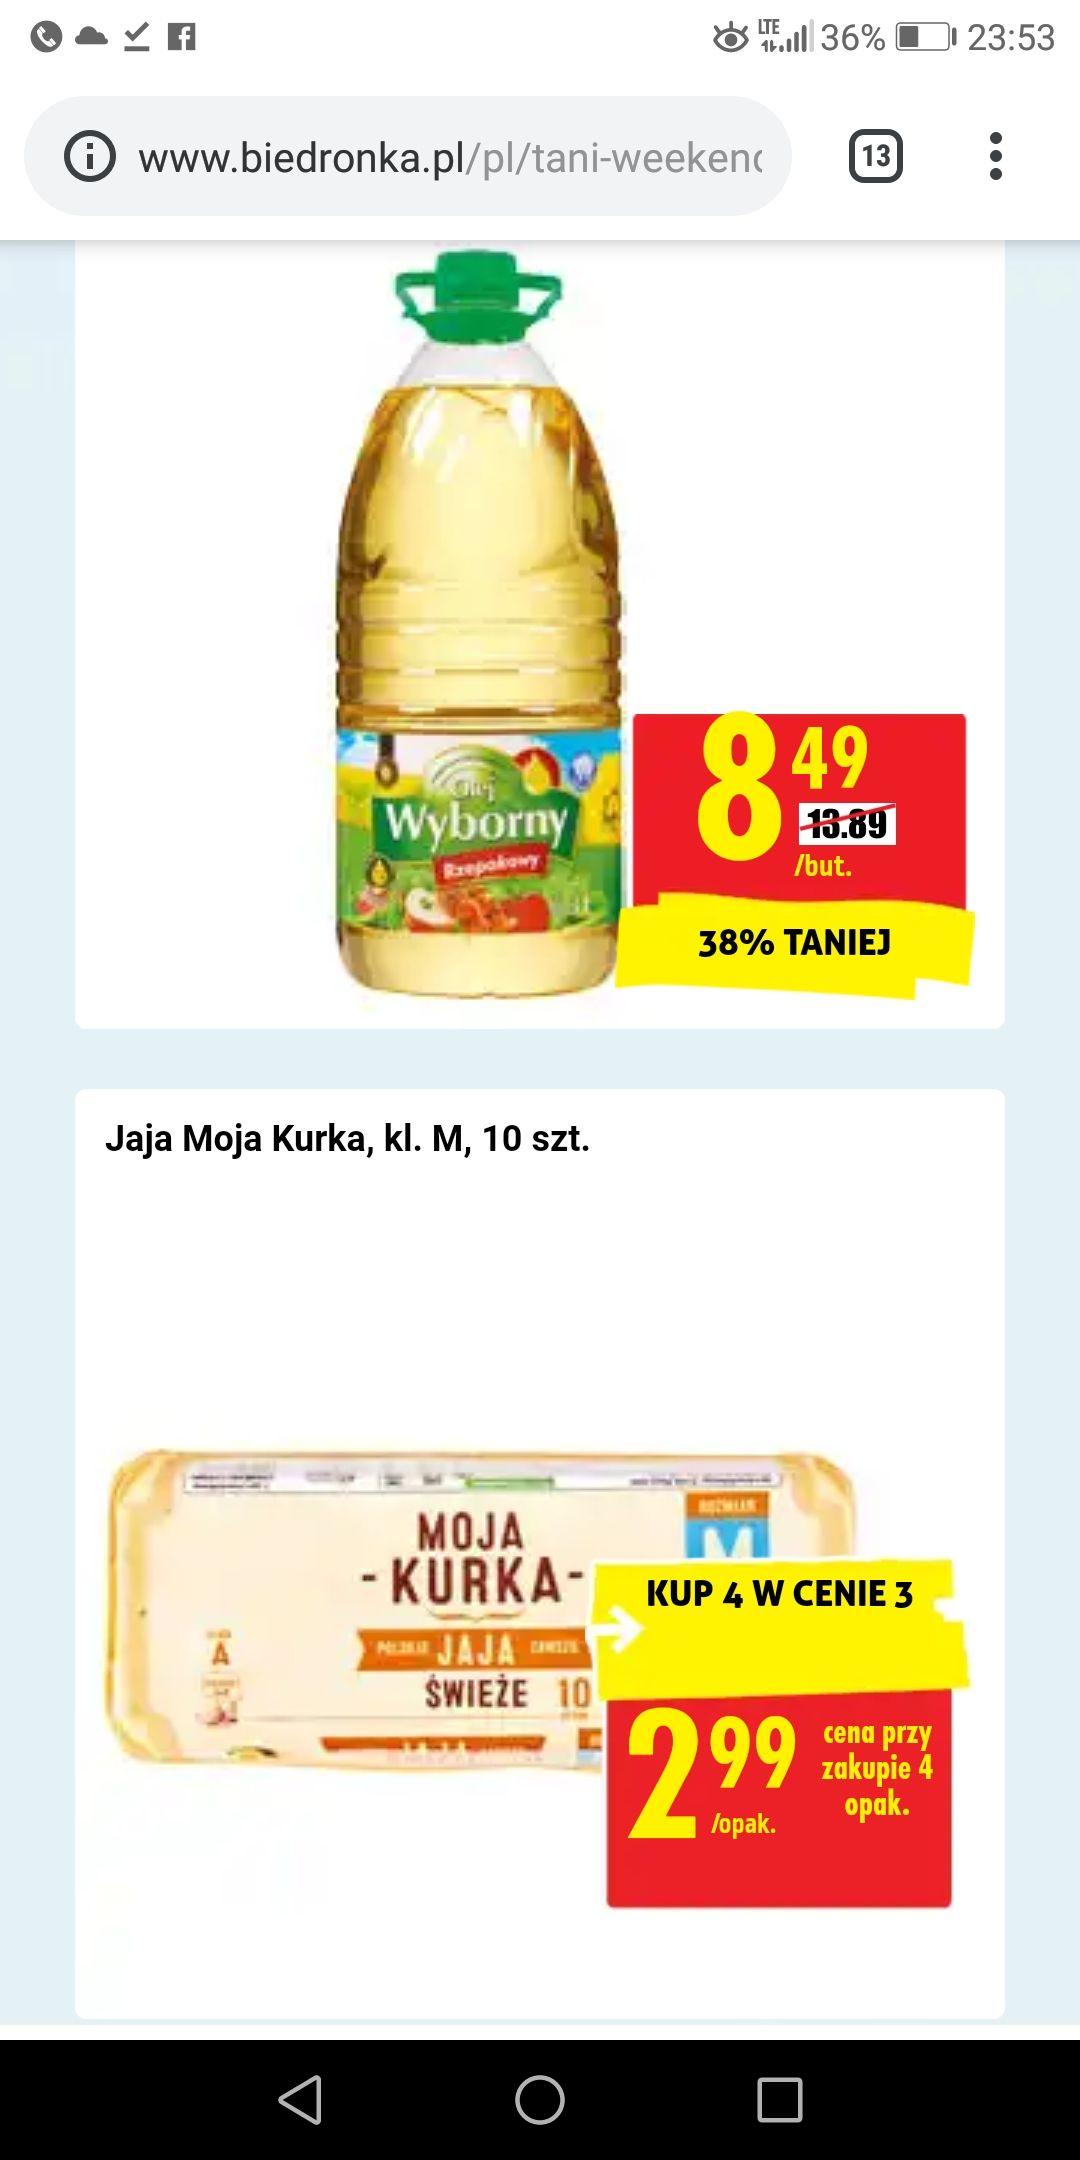 Jajka 4 opak. w cenie 3, olej 3l 8,49